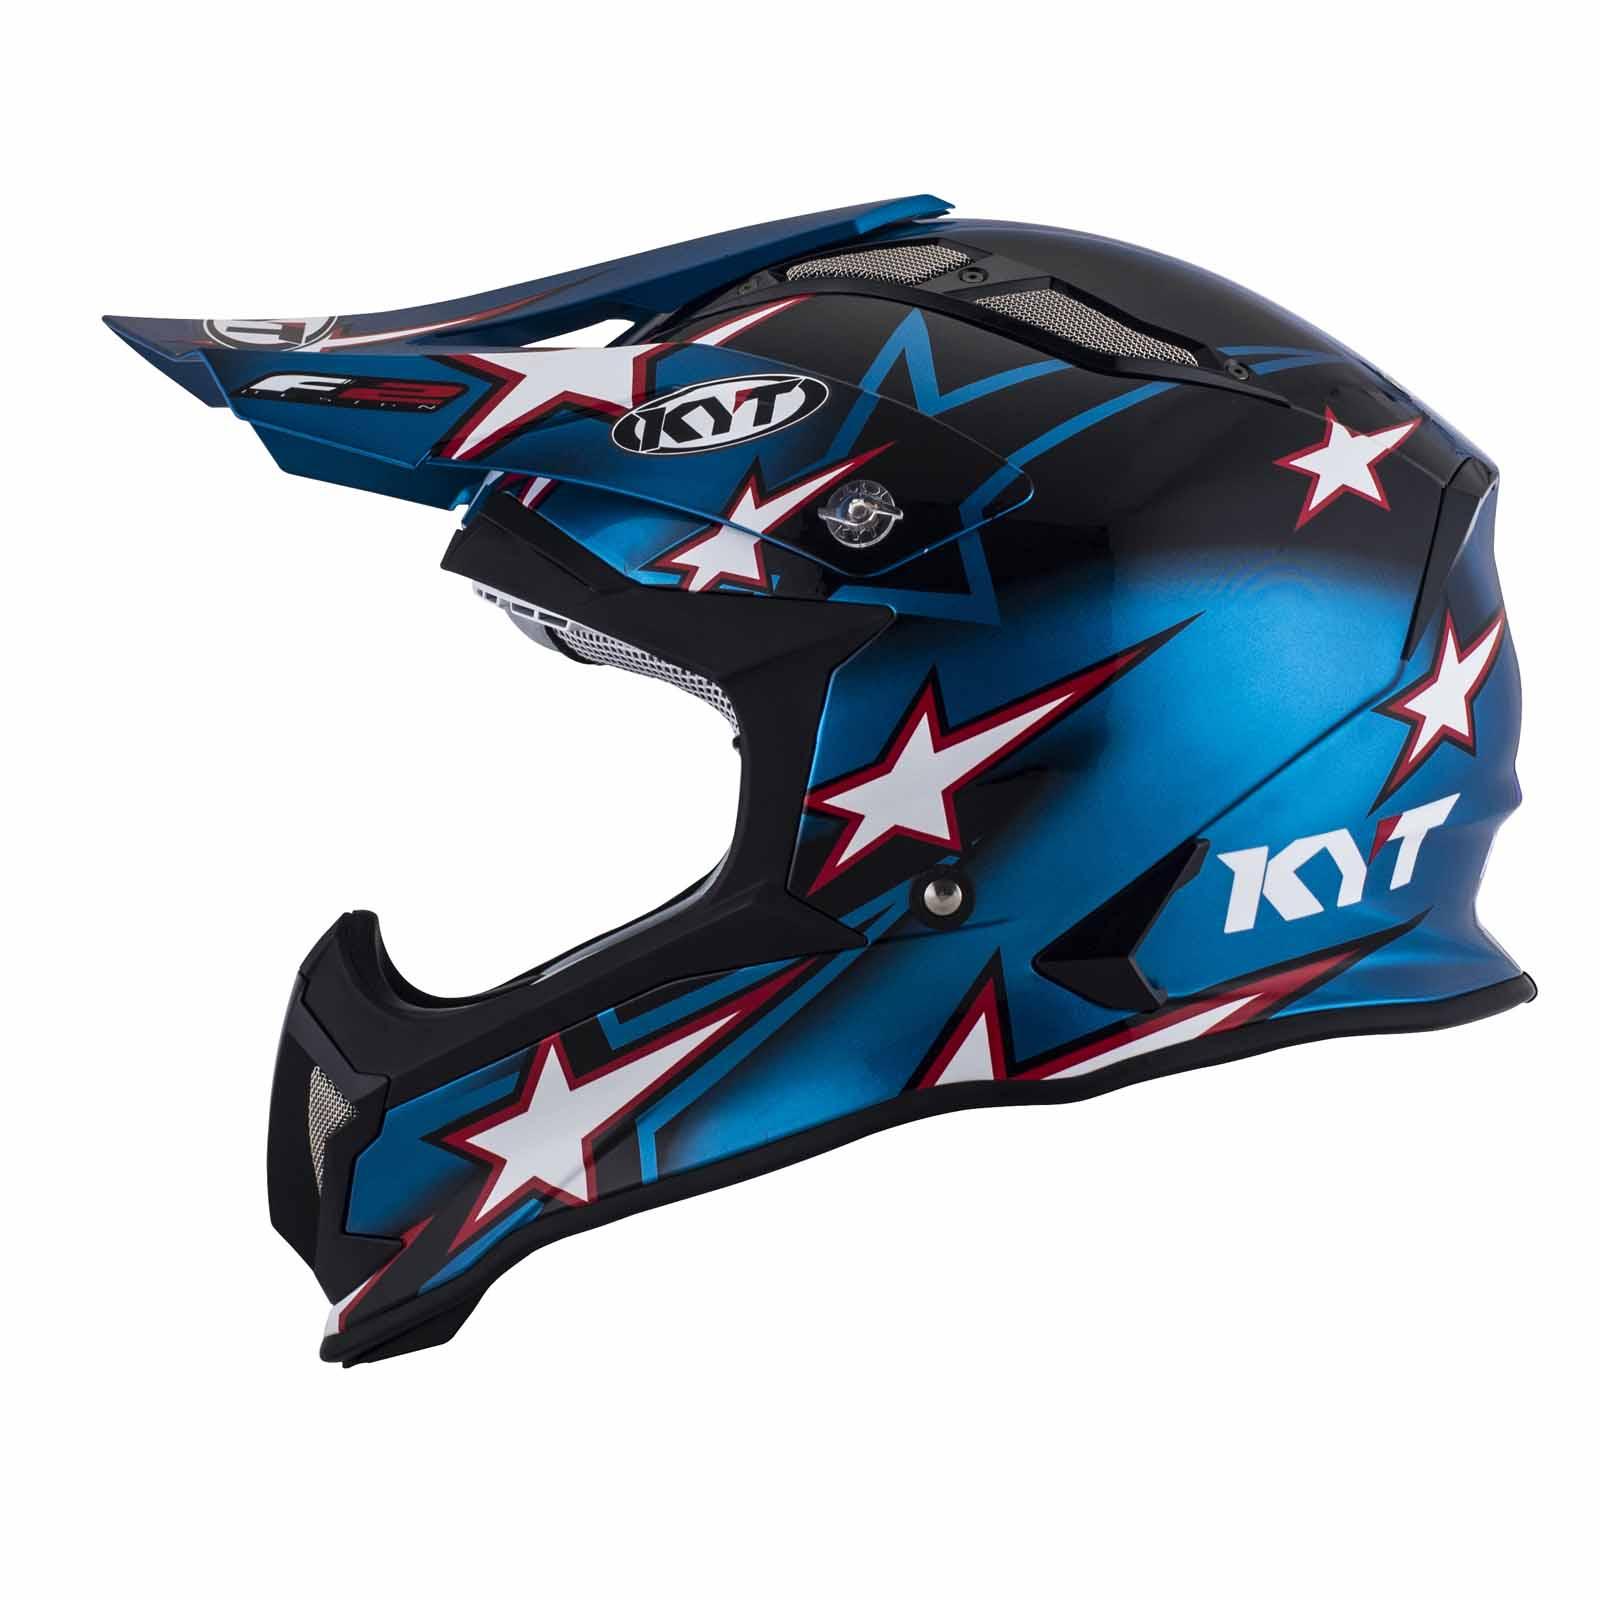 Kyt Strike Eagle Romain Febvre Replica MX Helm